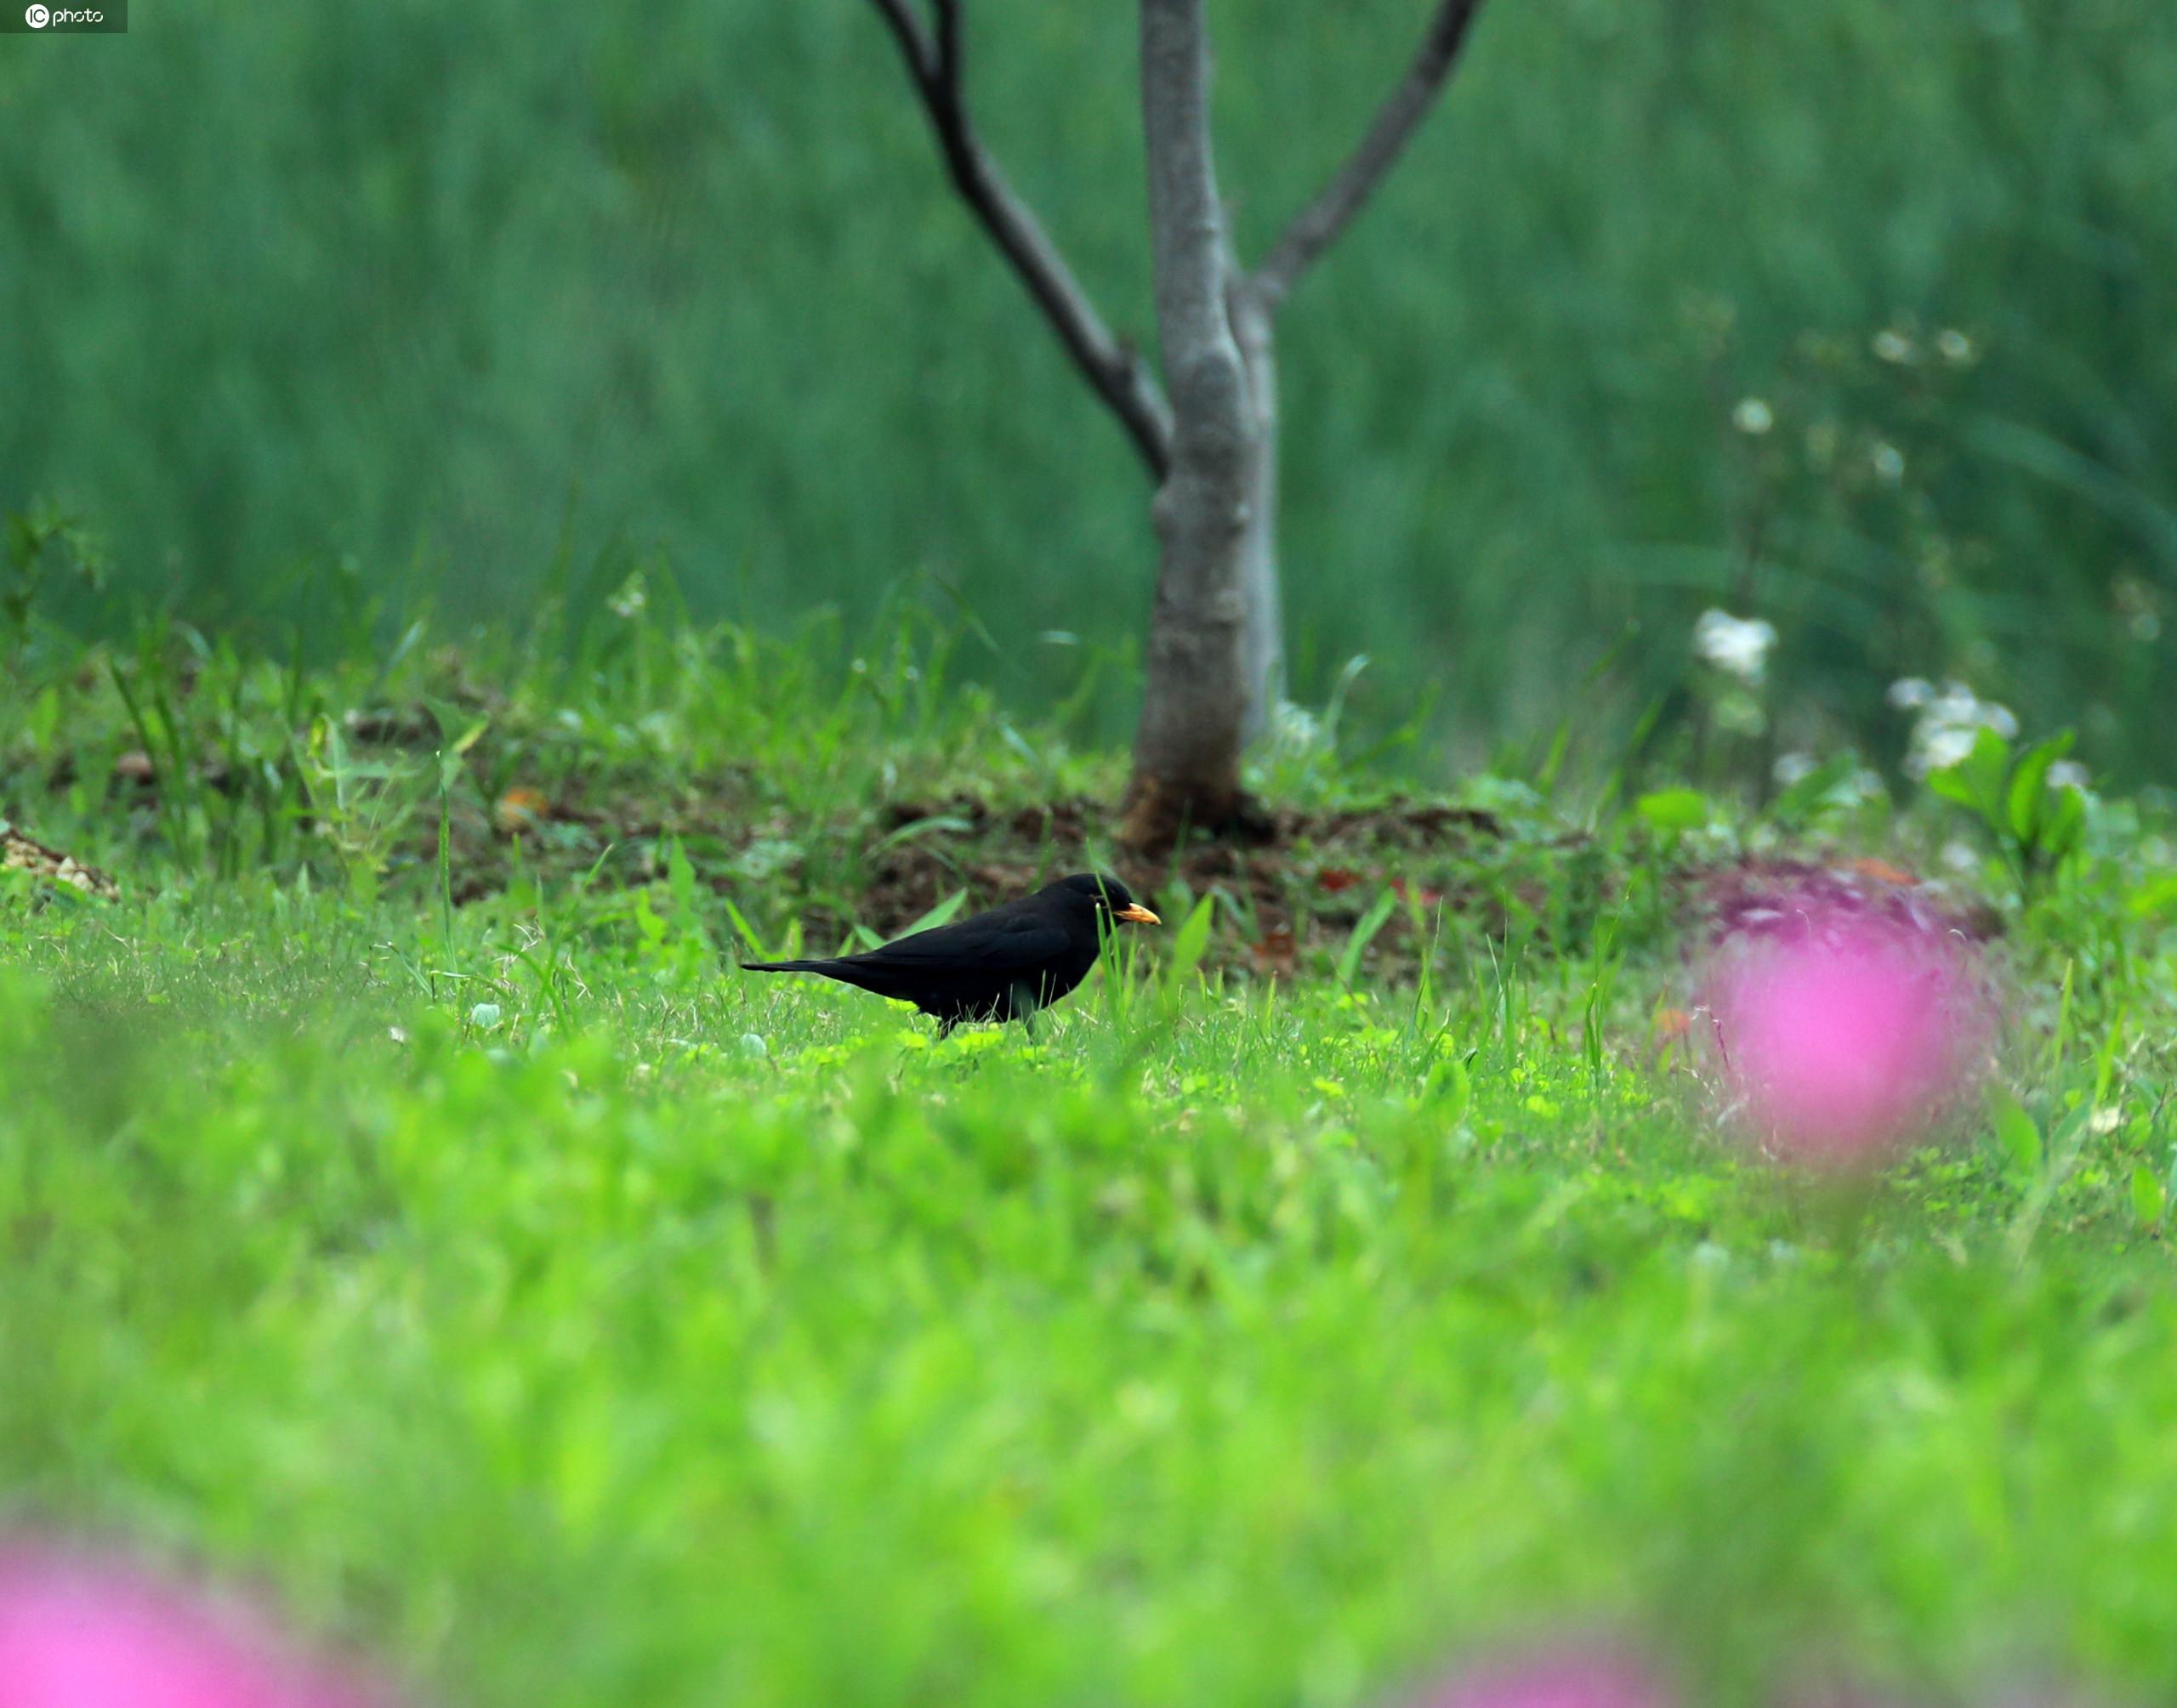 武汉沙湖公园 鸟语花香万物复苏